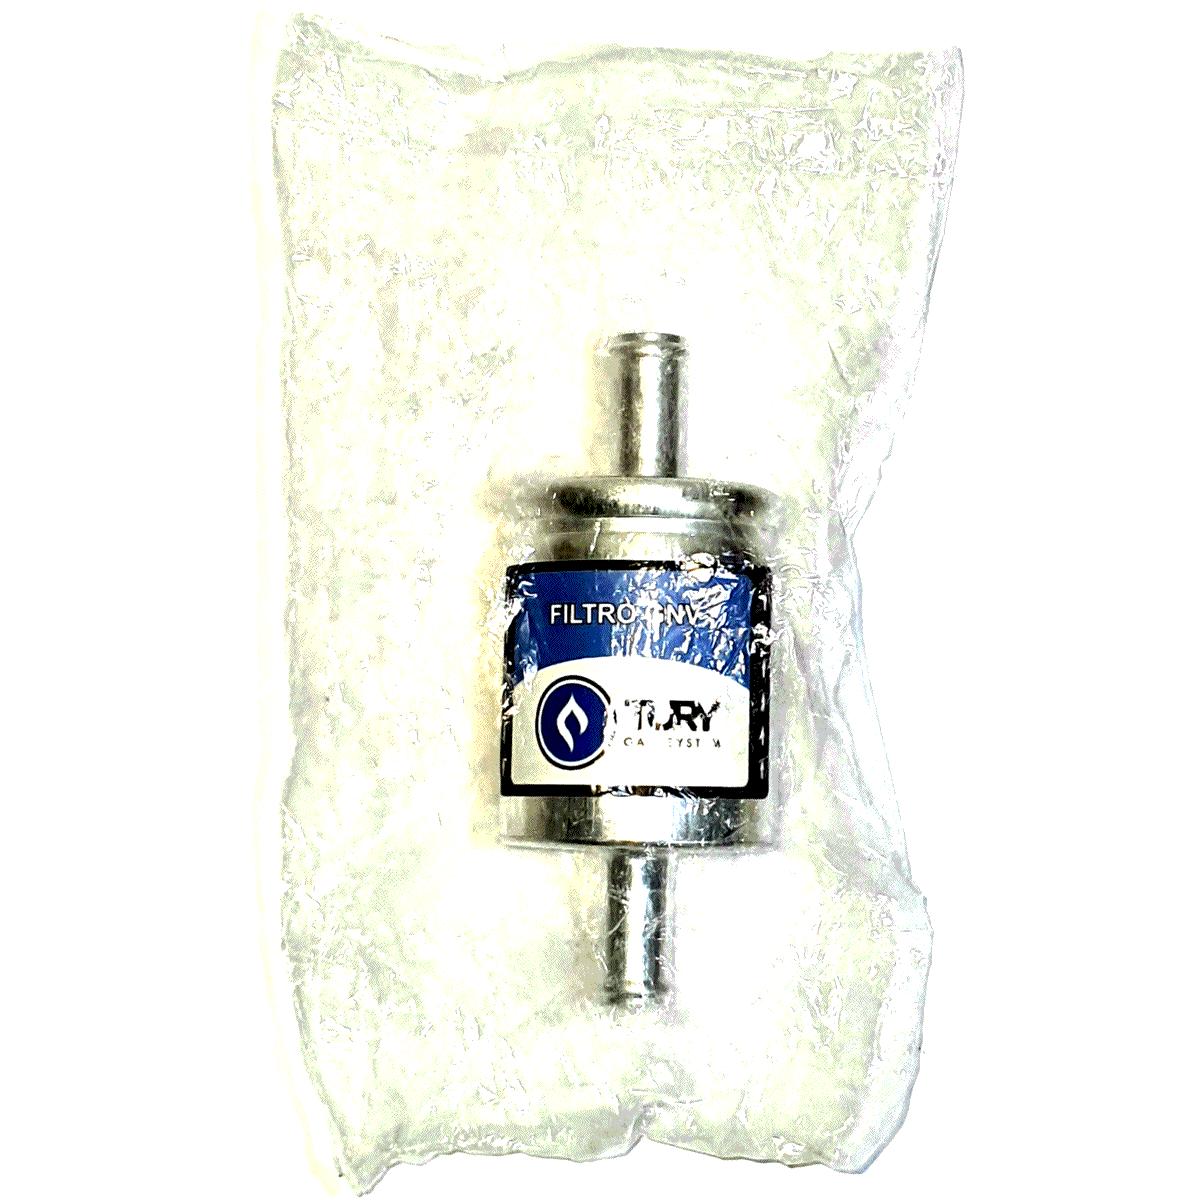 Filtro GNV 12 mm 5ª Geração TURY 12mm STAG EMER Protege Bicos